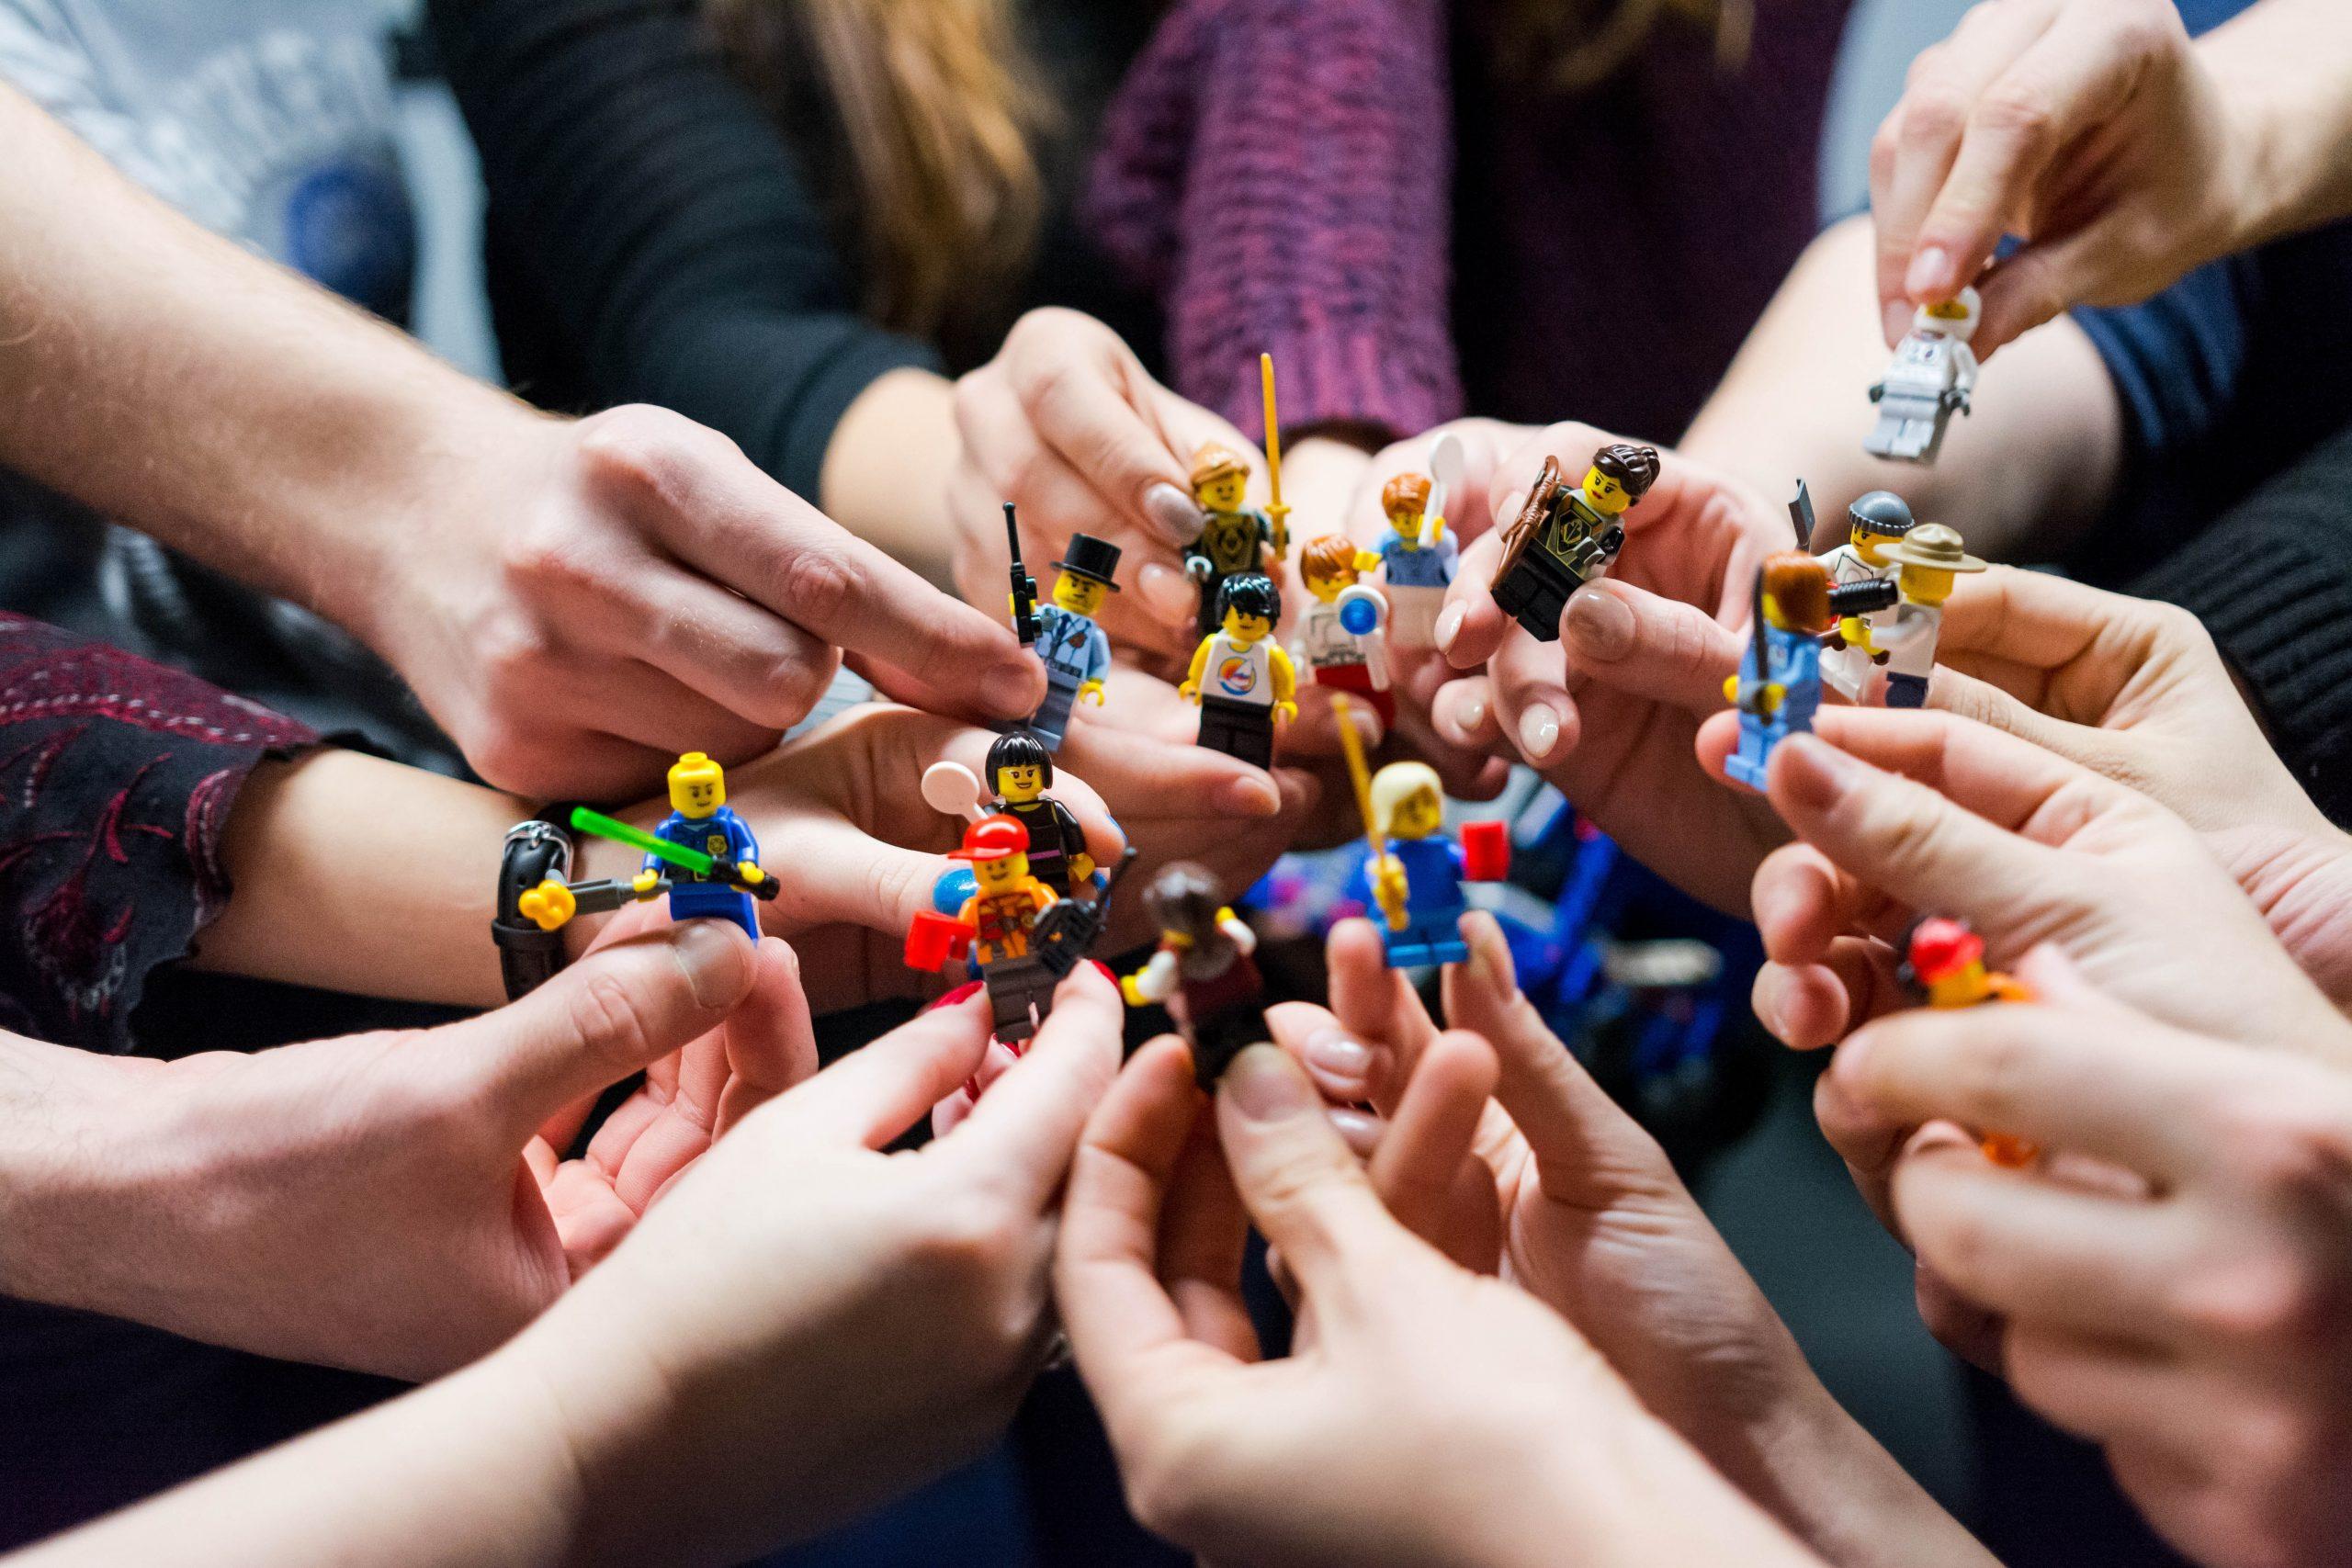 5 ganz konkrete Mitarbeiterbeteiligungsmodelle. Ihre Vor- und Nachteile und ein bisschen Zukunftsmusik!